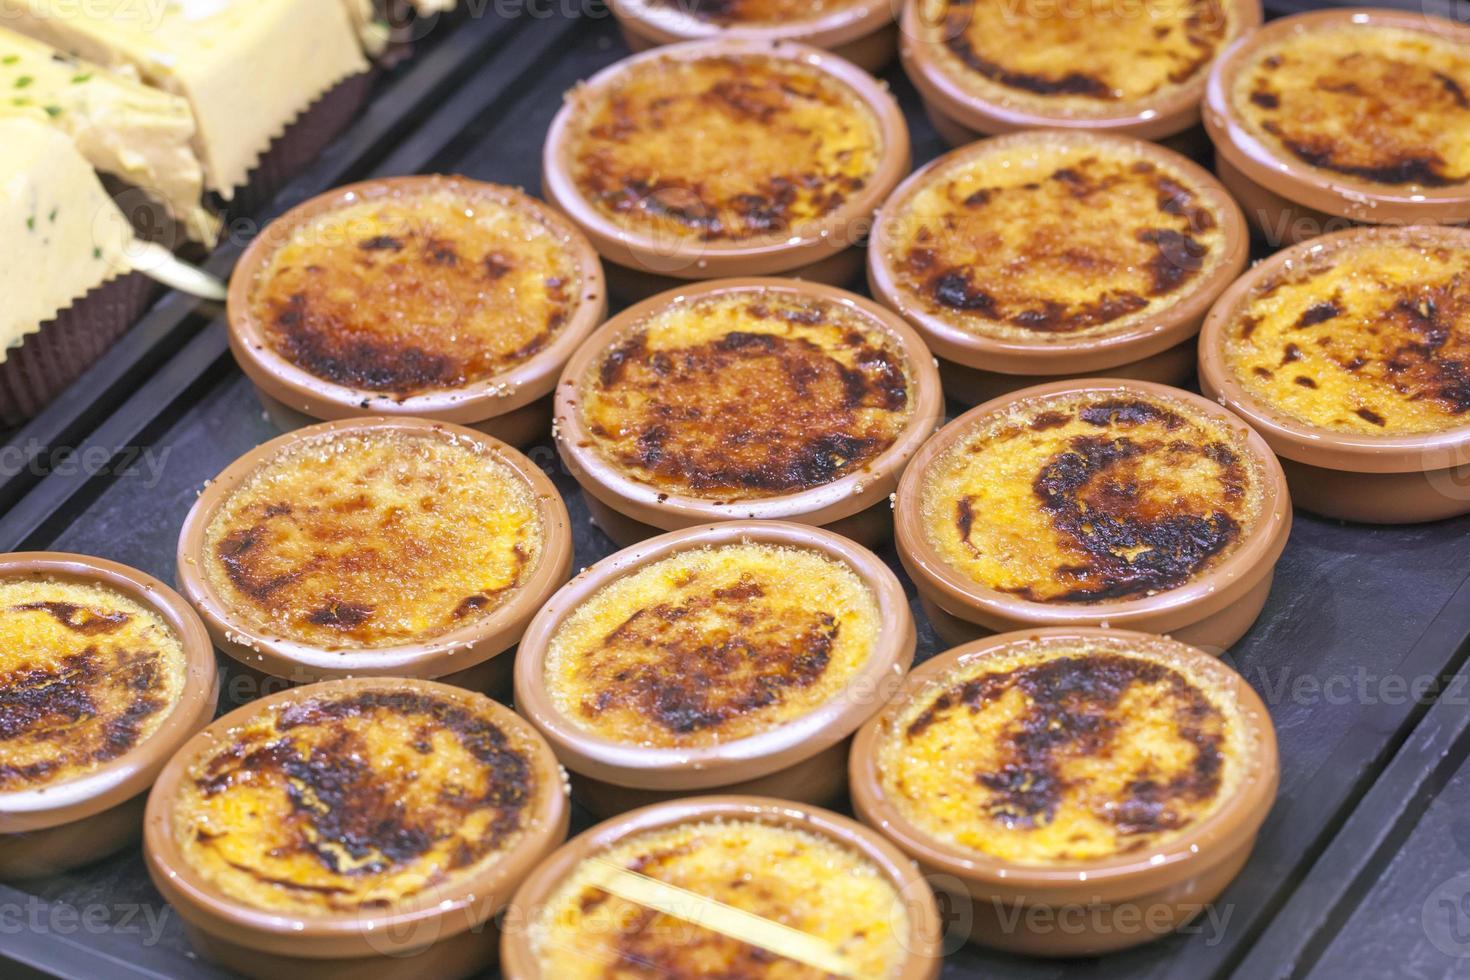 Ausstellung von Crème Brûlée in der Bäckerei foto